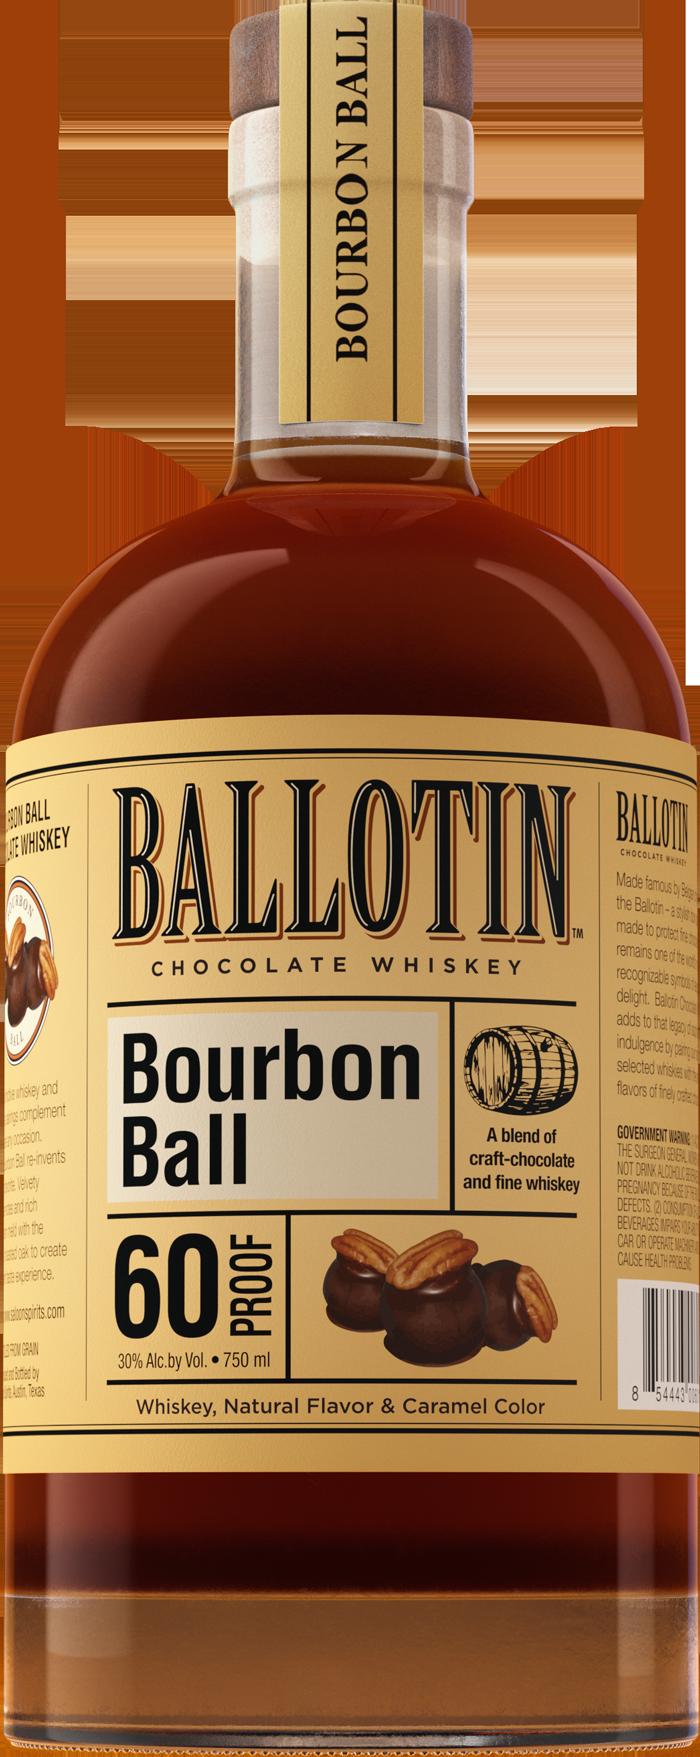 Bourbon Ball